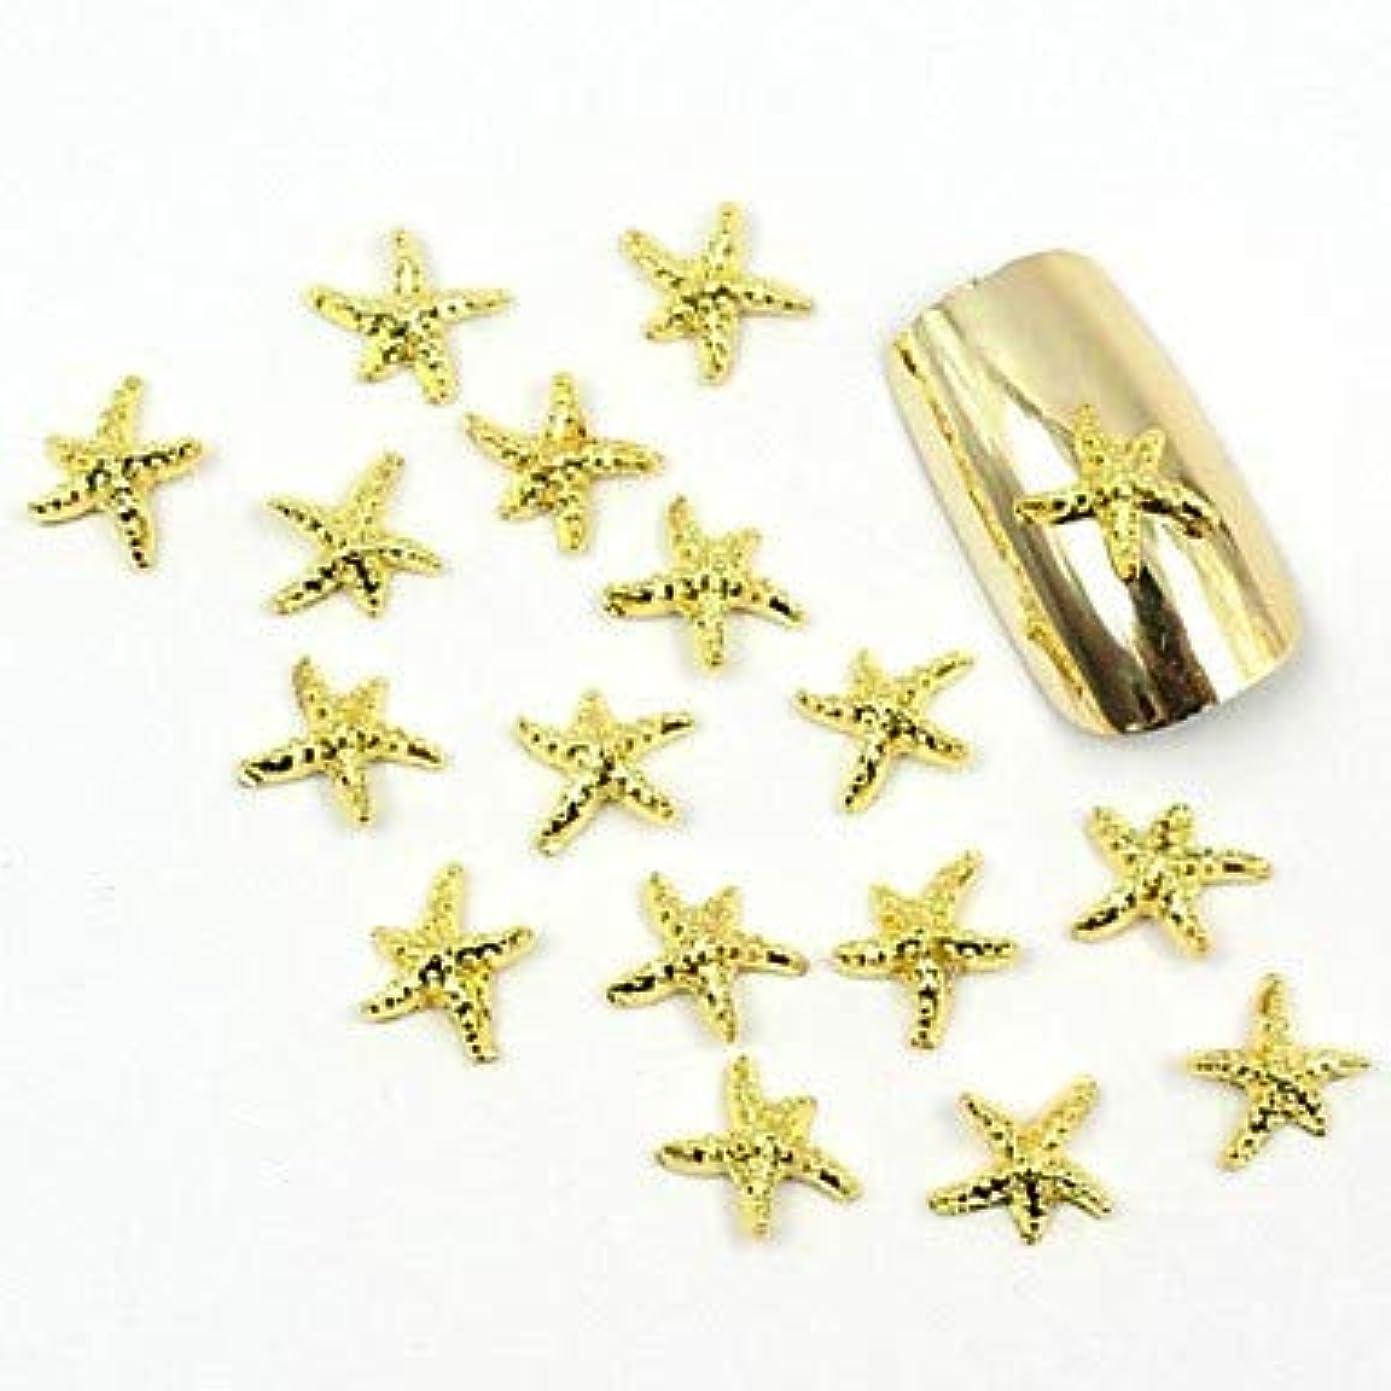 コントラスト船酔いコンパニオン偽アクリル型ネイルアートの装飾のための100個の3Dゴールドネイルジュエリーメタルスター